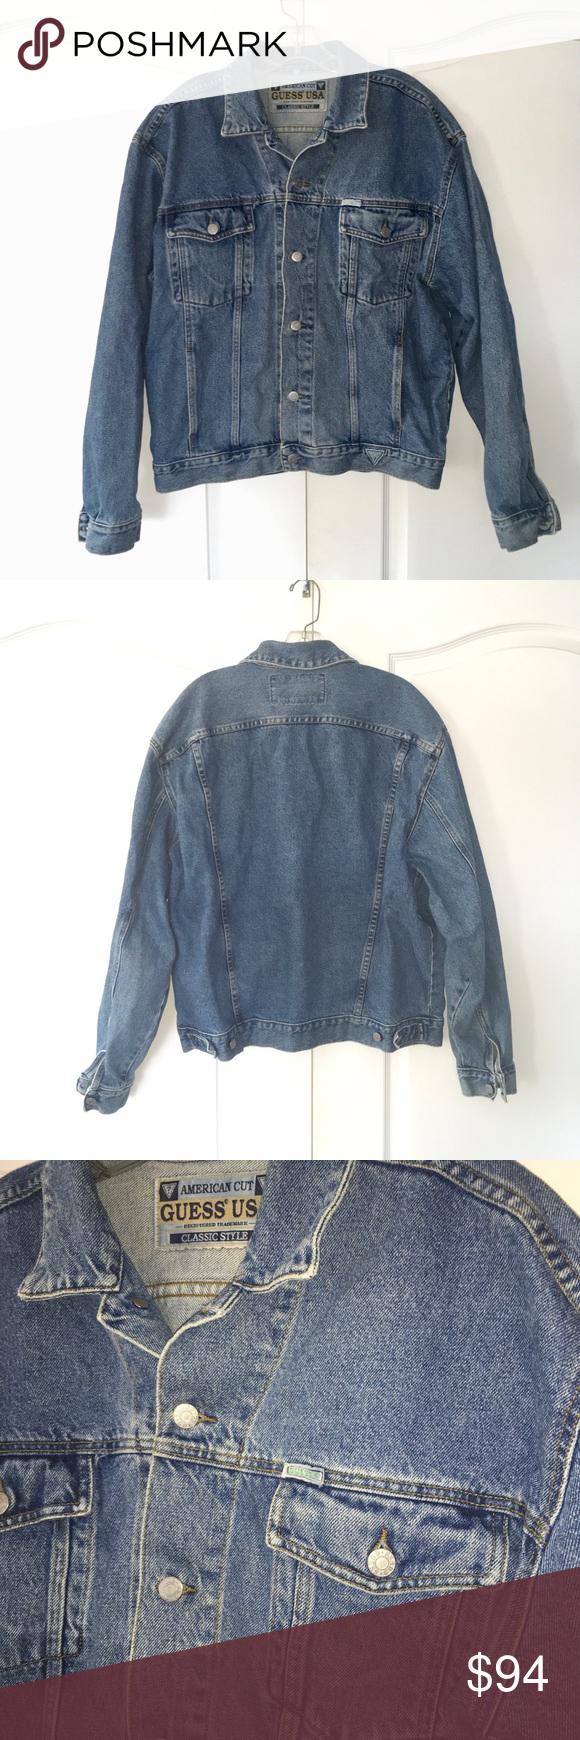 Vintage guess s acid wash denim jacket coat xl vintage denim and